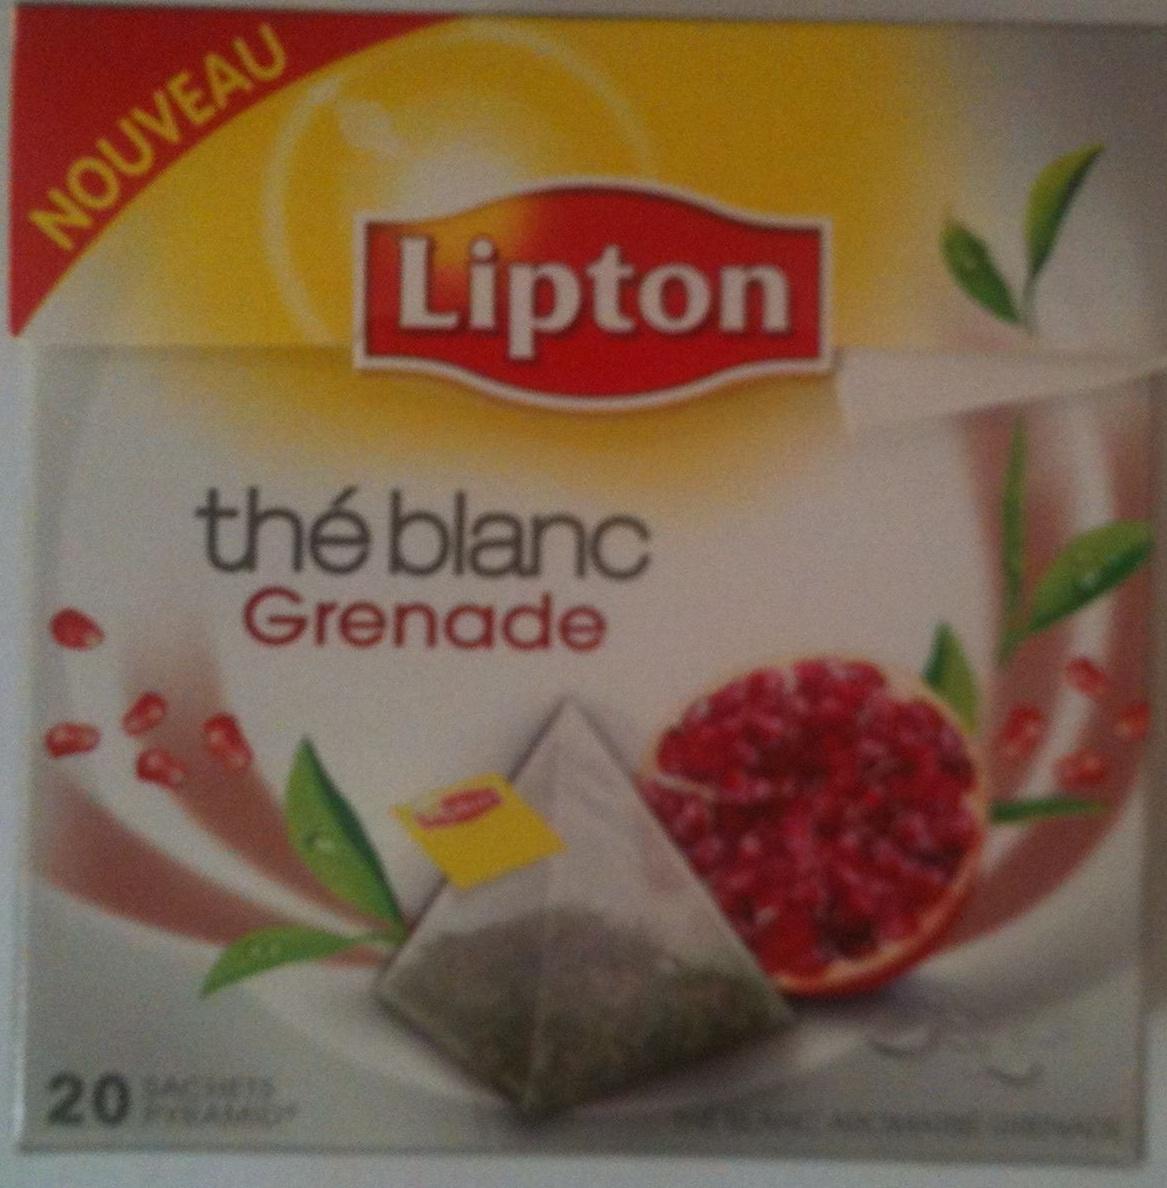 Lipton thé blanc - Grenade - Produit